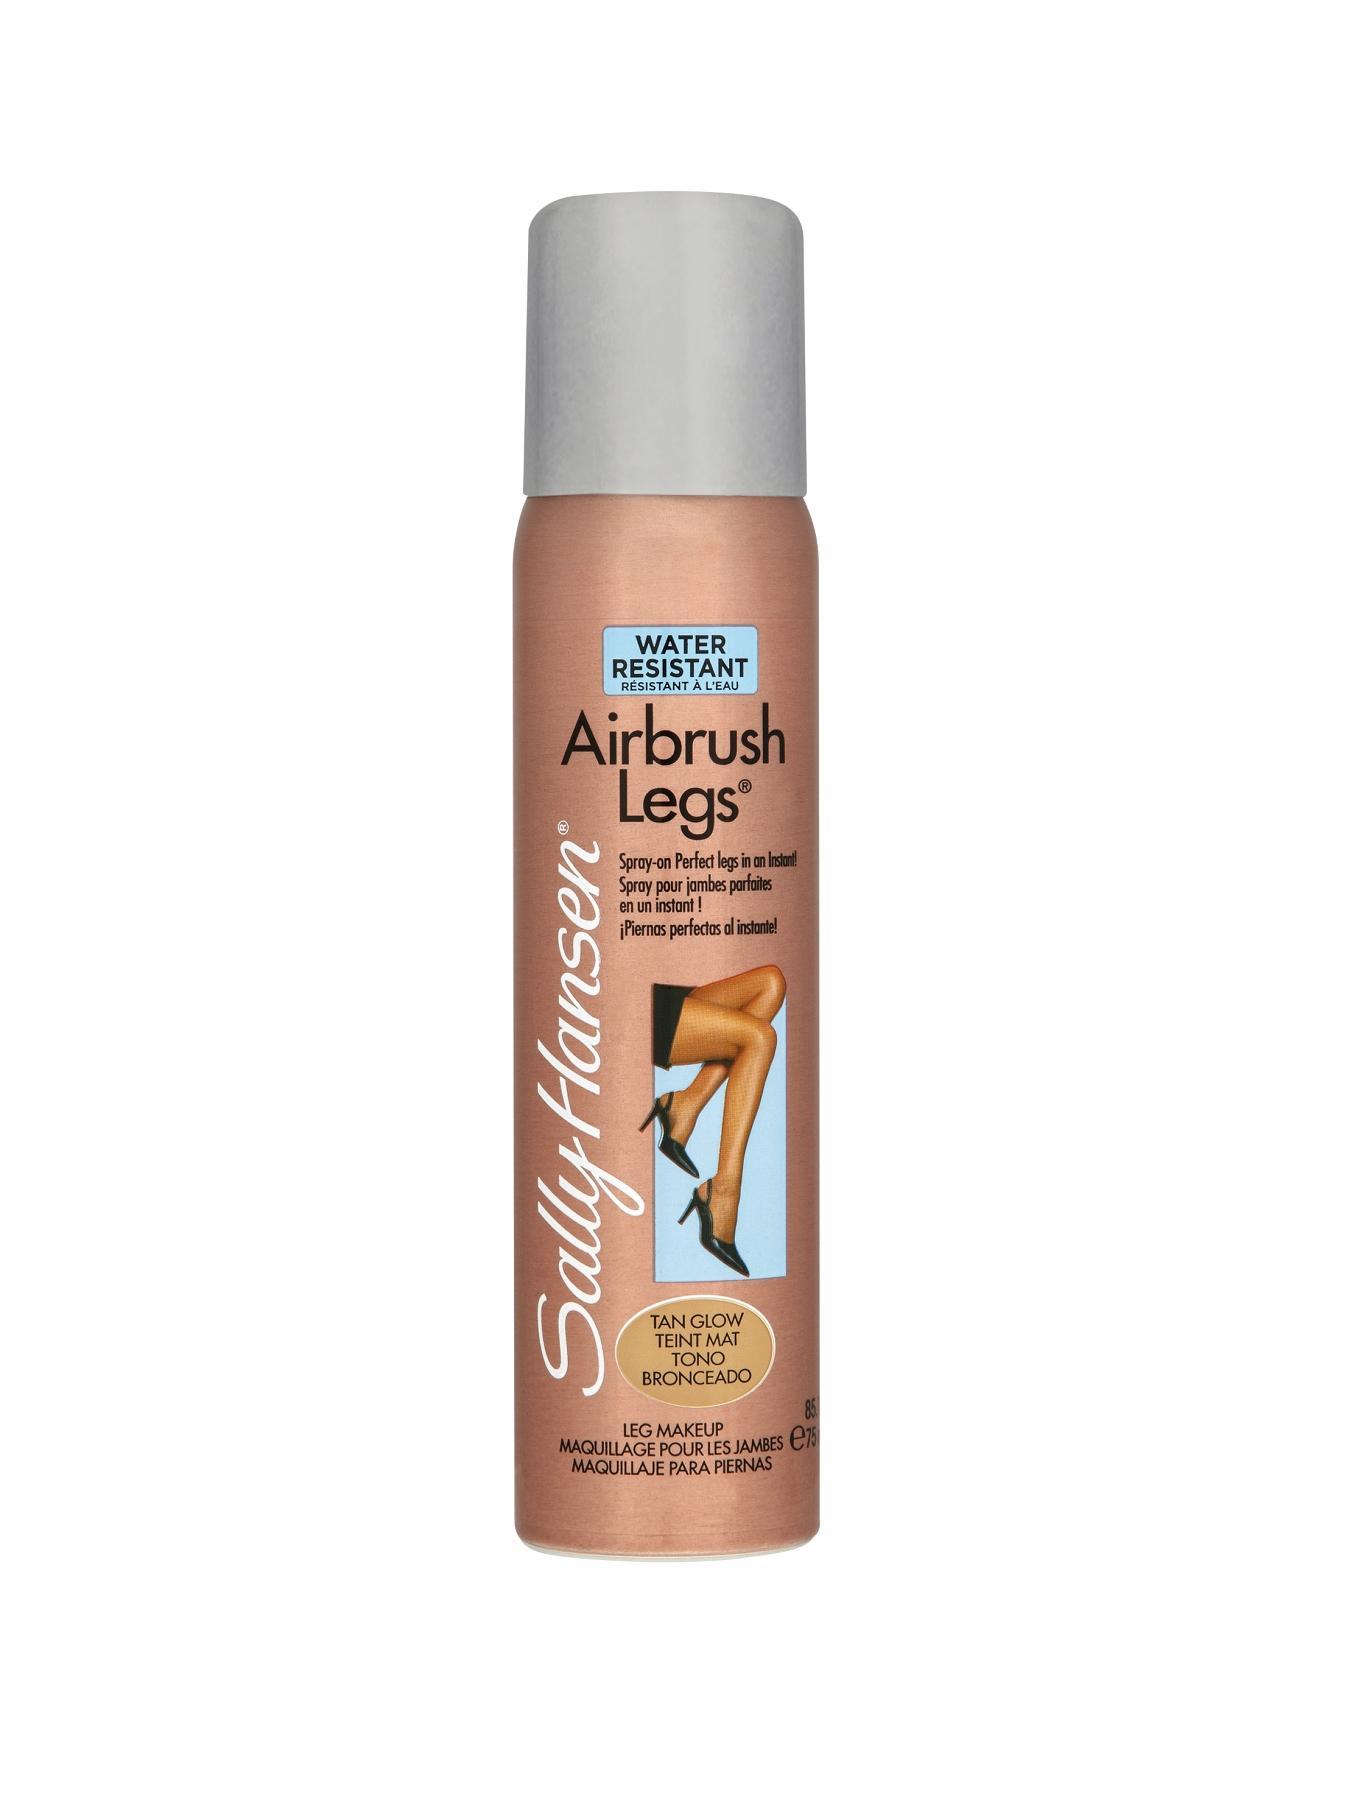 Airbrush Legs - Tan Glow.